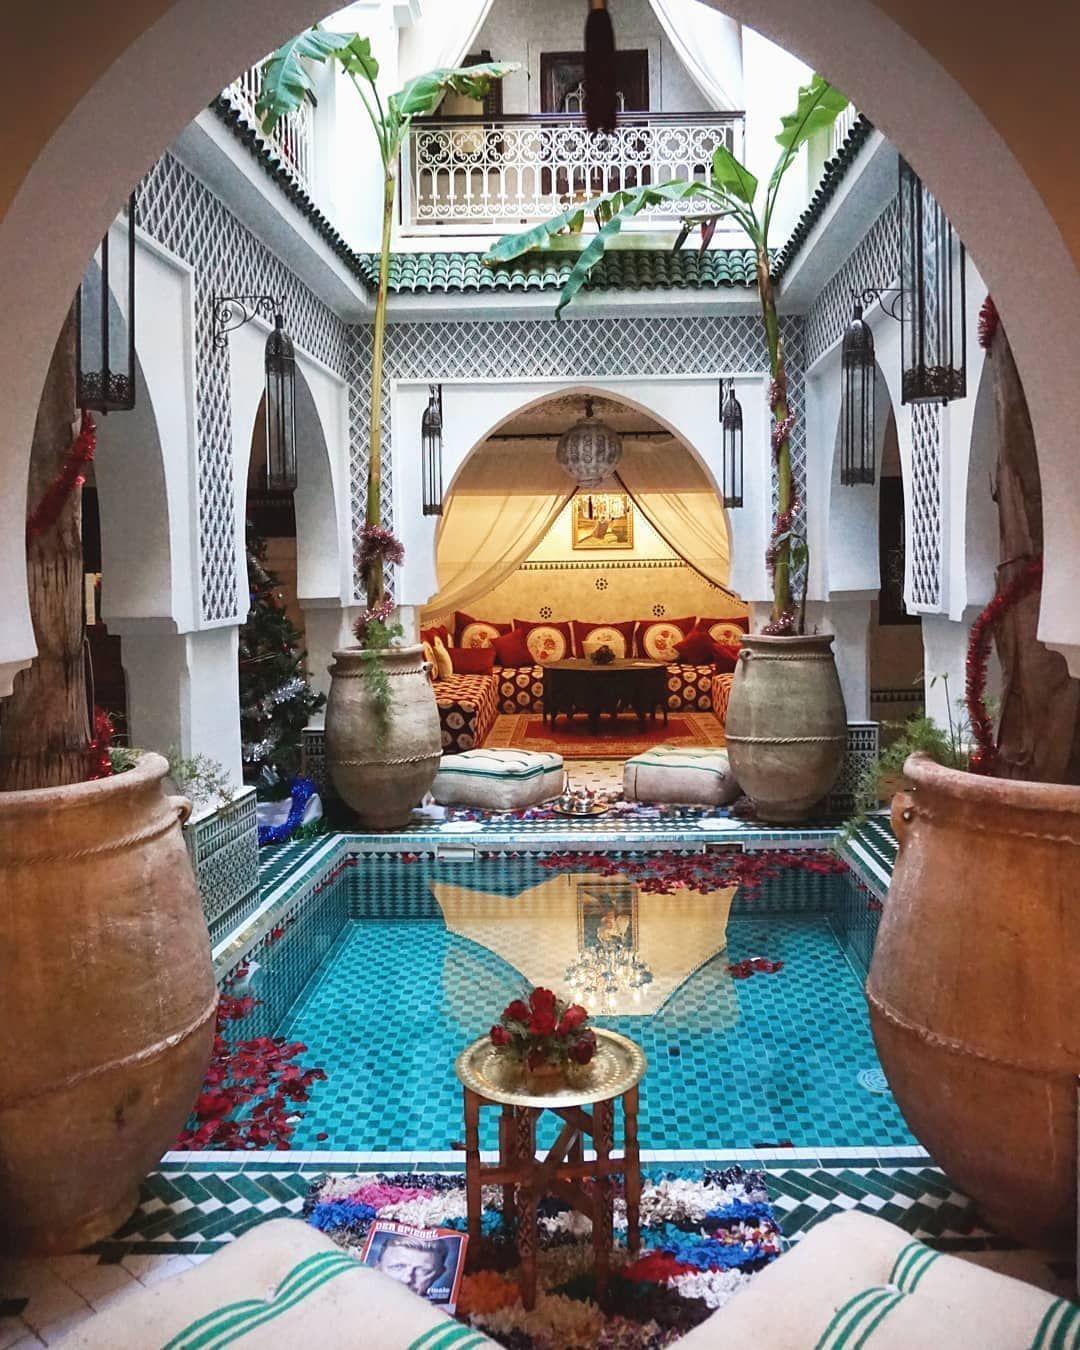 Riad Jemaa El Fna Riad Spa Marrakech Morocco Moroccan Riad Moroccan Interiors House Styles